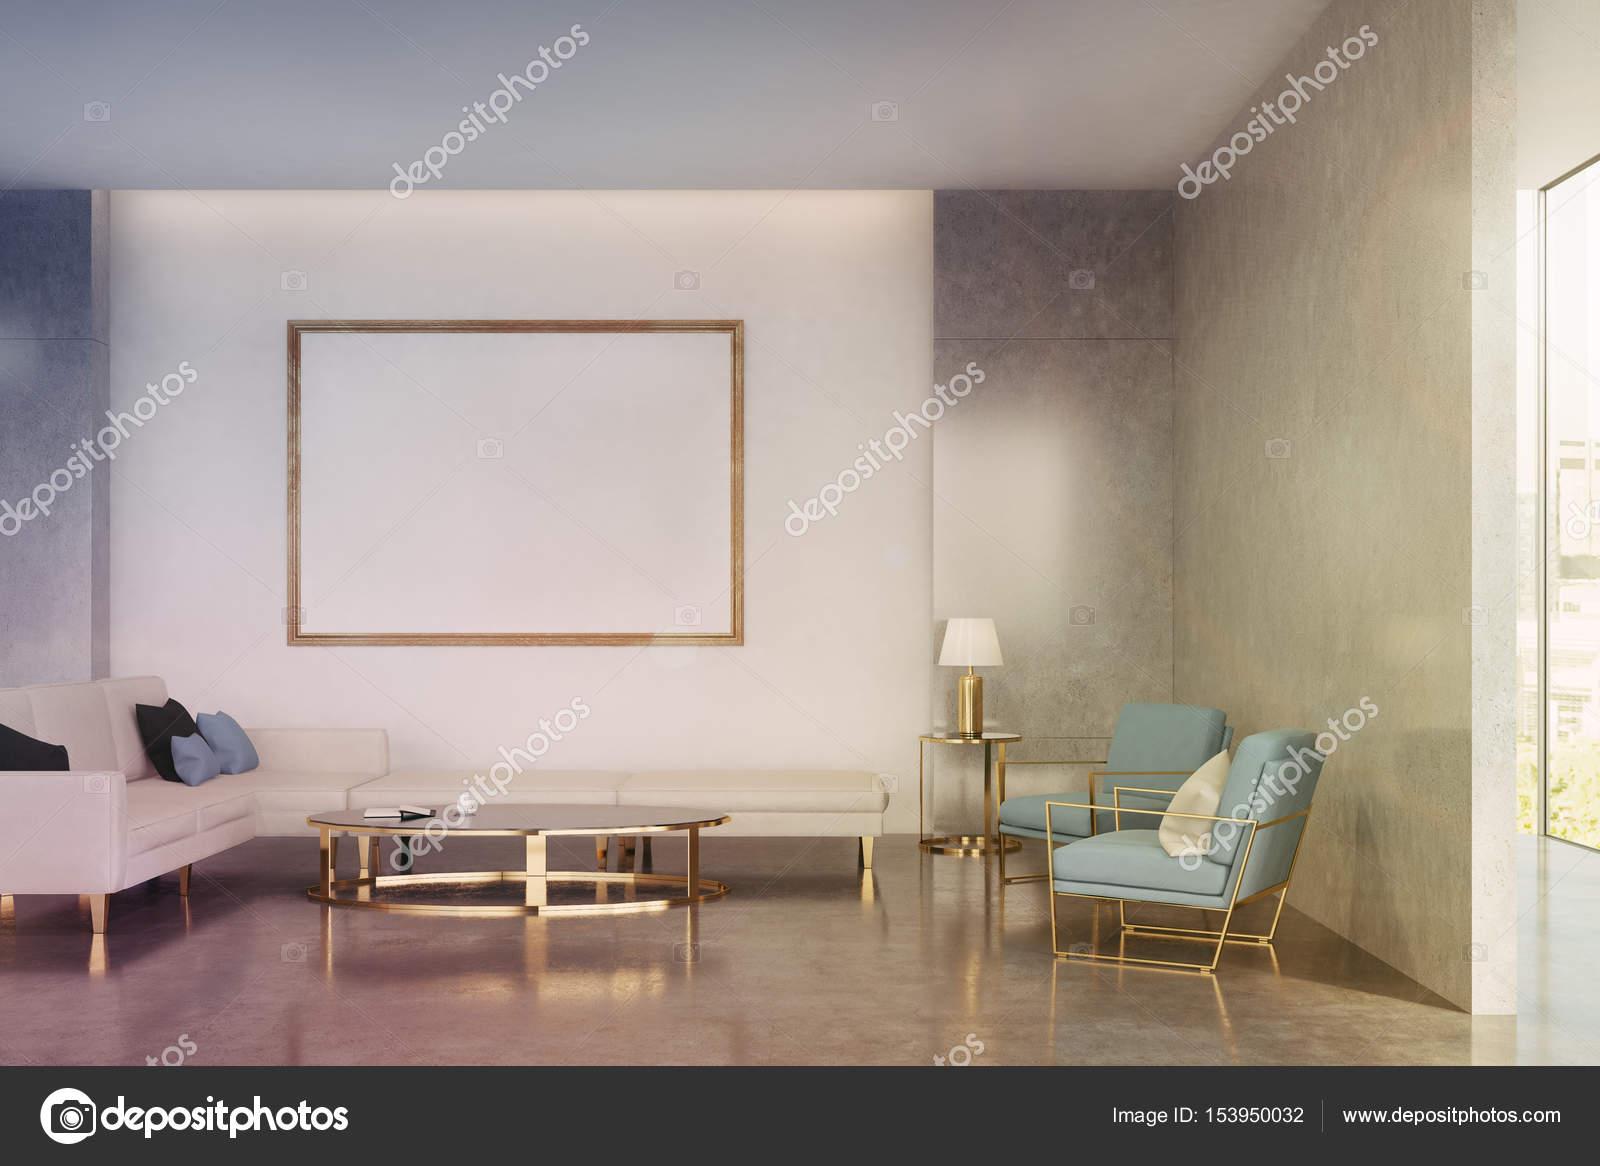 Interior Da Sala Azul Em Tons Stock Photo Denisismagilov 153950032 -> Sala De Estar Pequena Azul